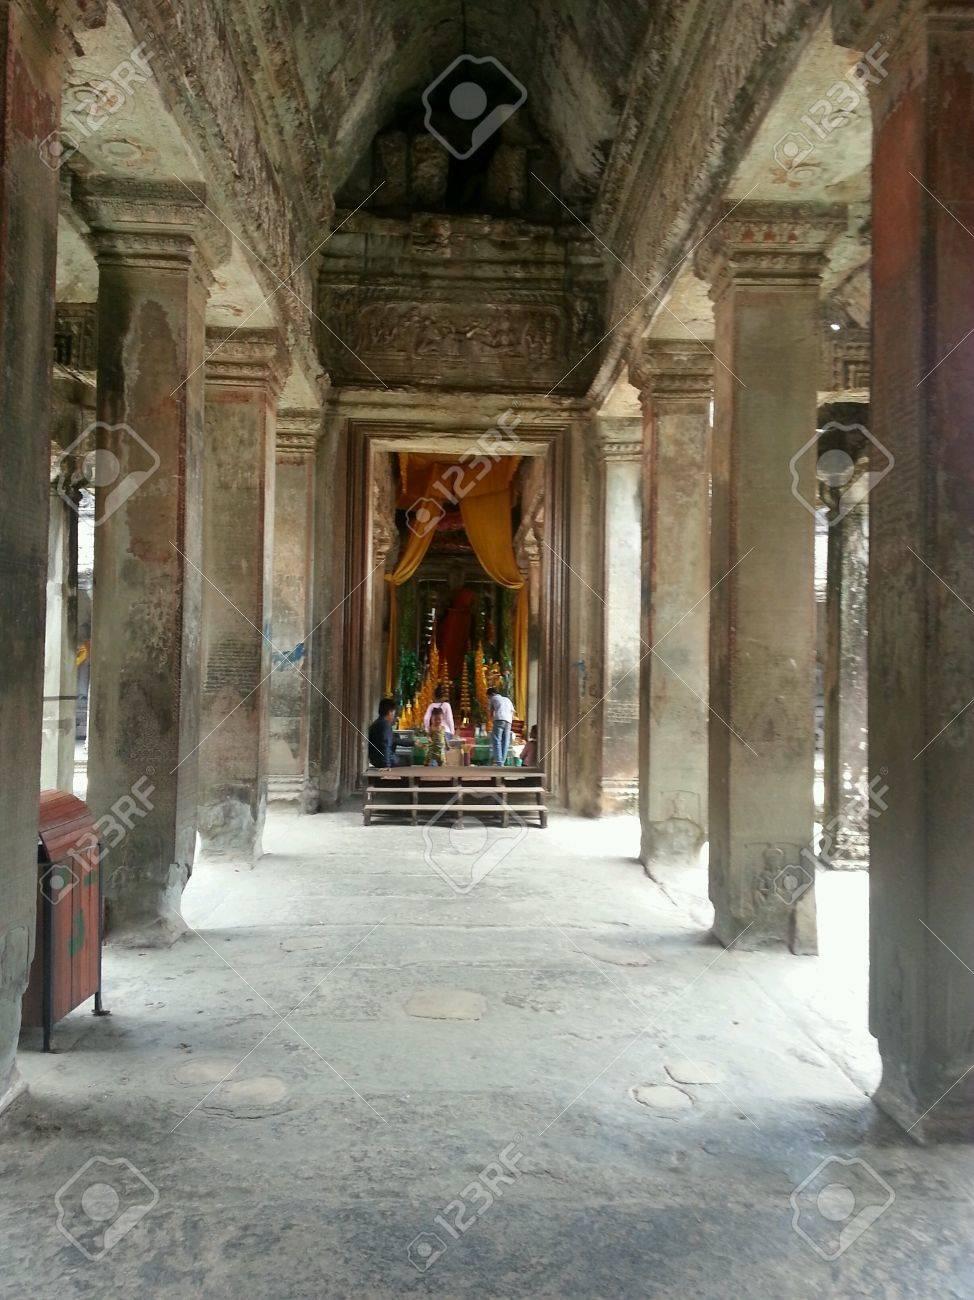 Introdução / ambientação - Página 14 27855537-the-inner-sanctum-of-angkor-wat-temple-